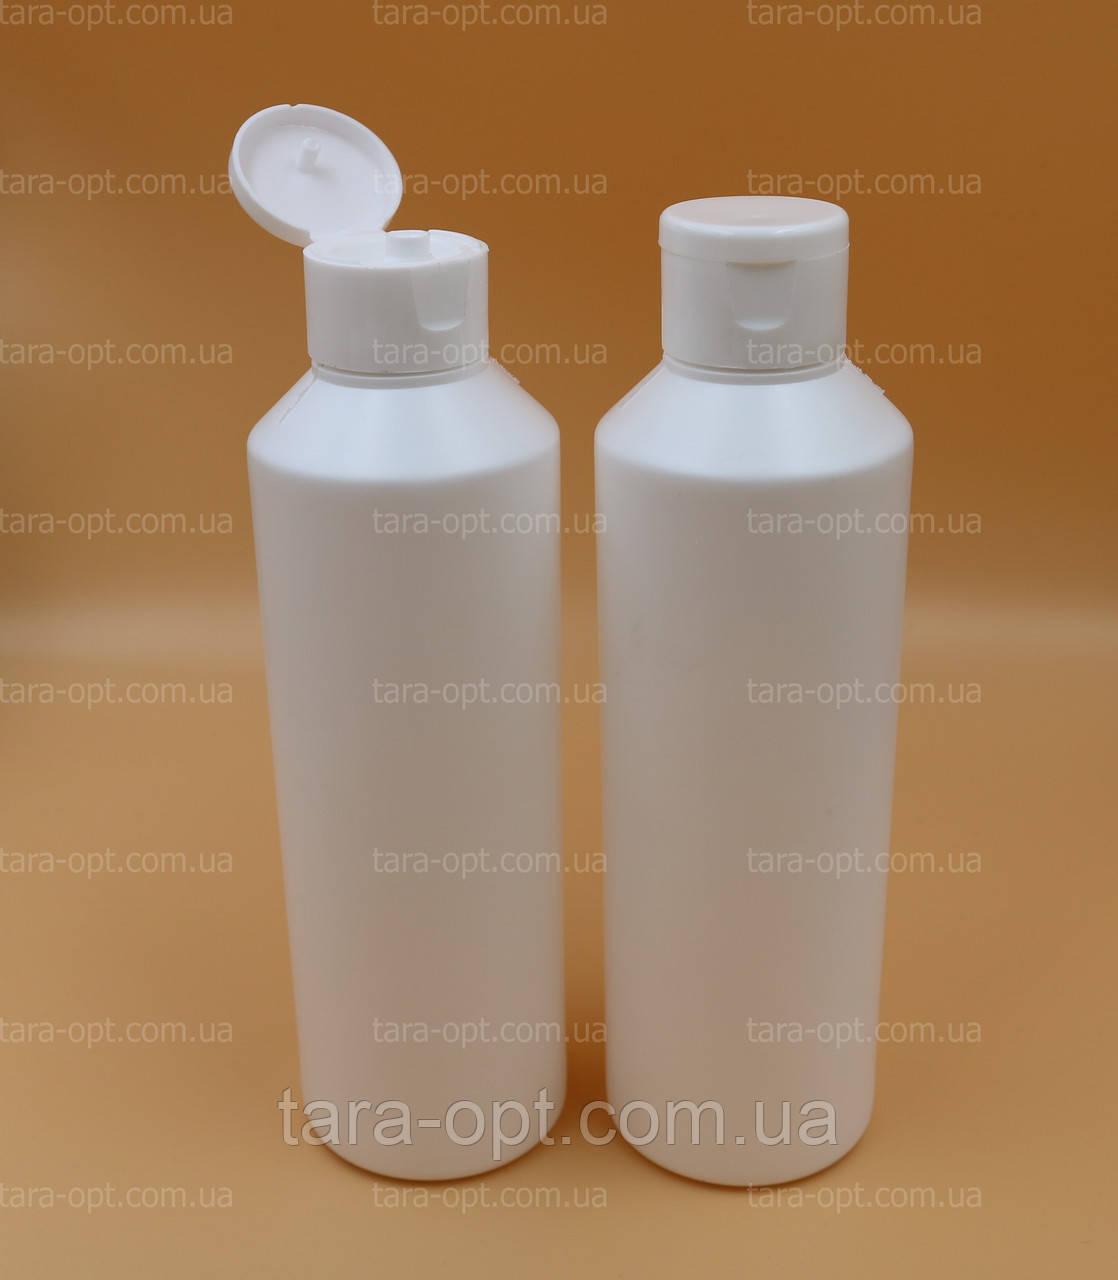 Бутылка 250 мл для антисептиков флип-топ